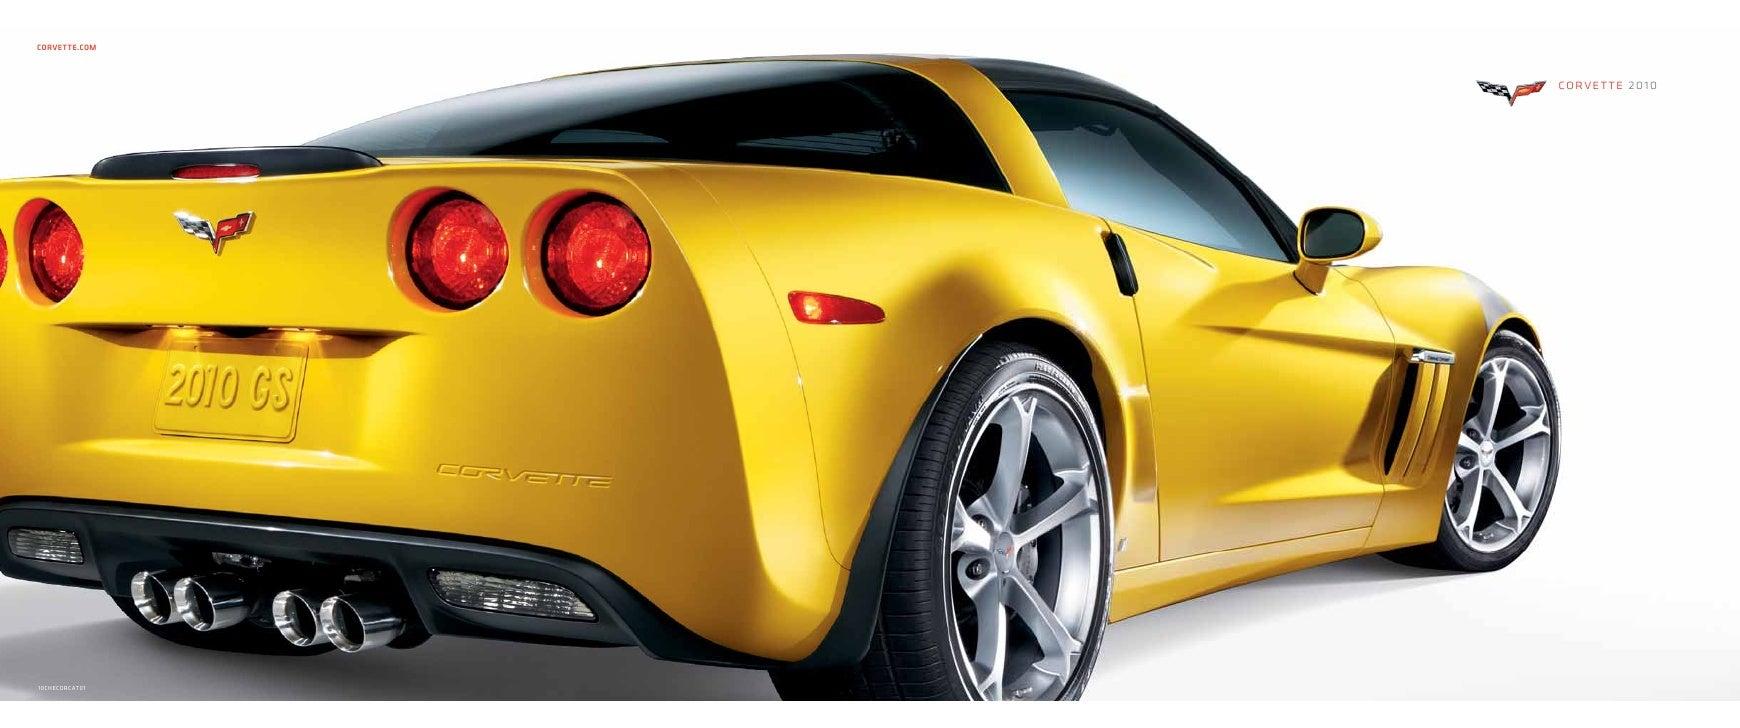 New Chevrolet Corvette Brochure from Ancira Chevrolet